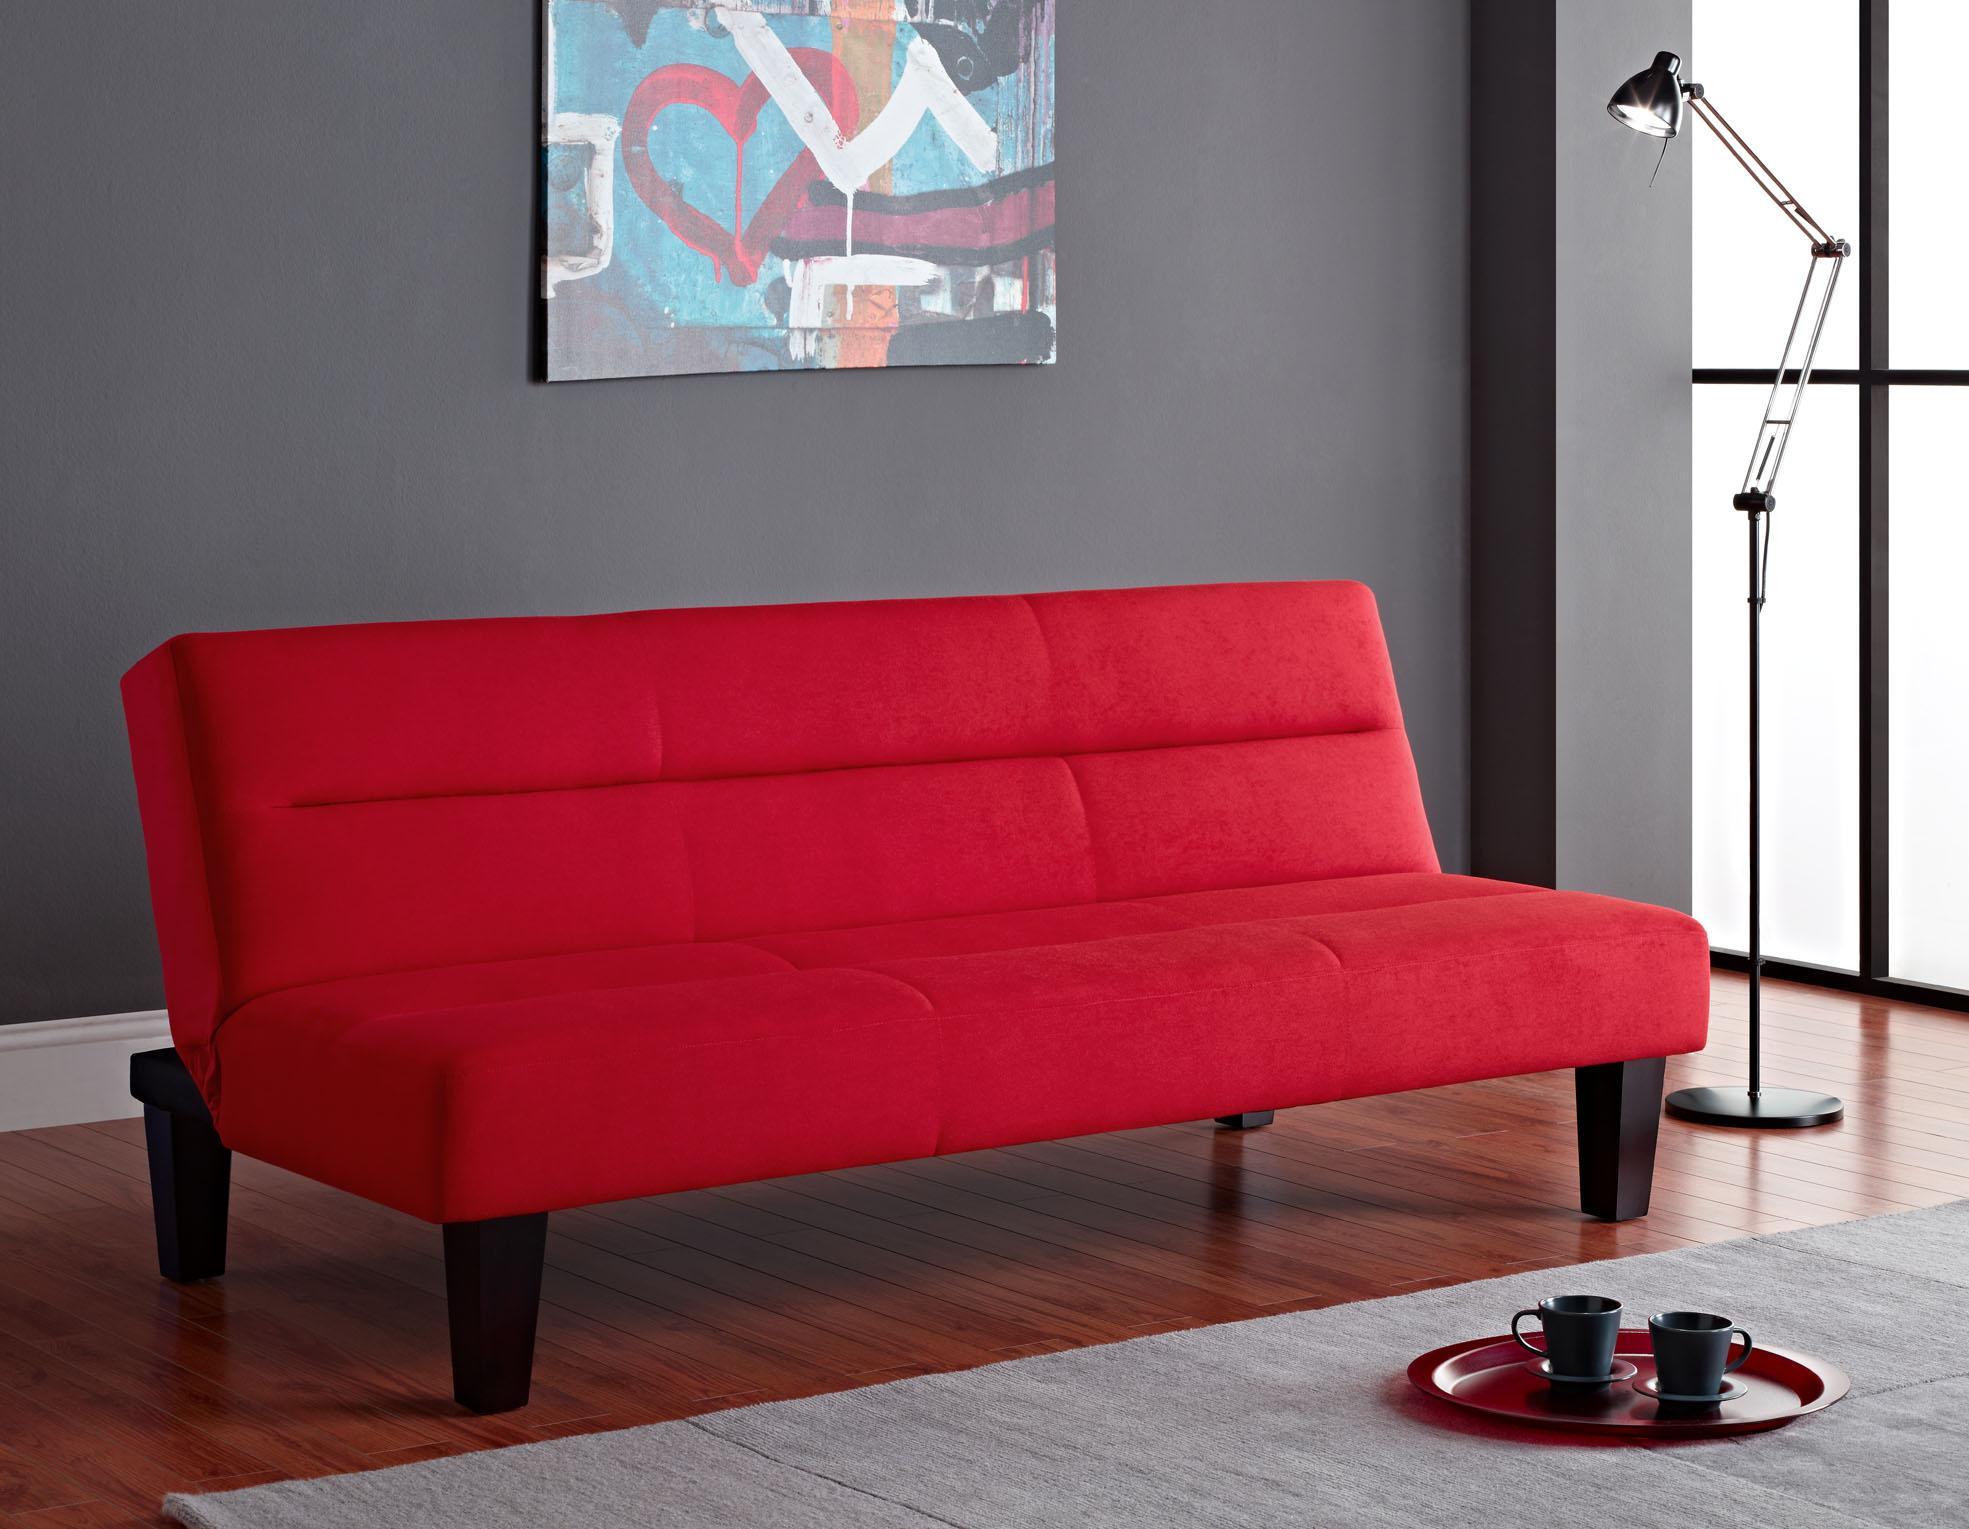 99 Kebo Futon Sofa Bed Super Deal